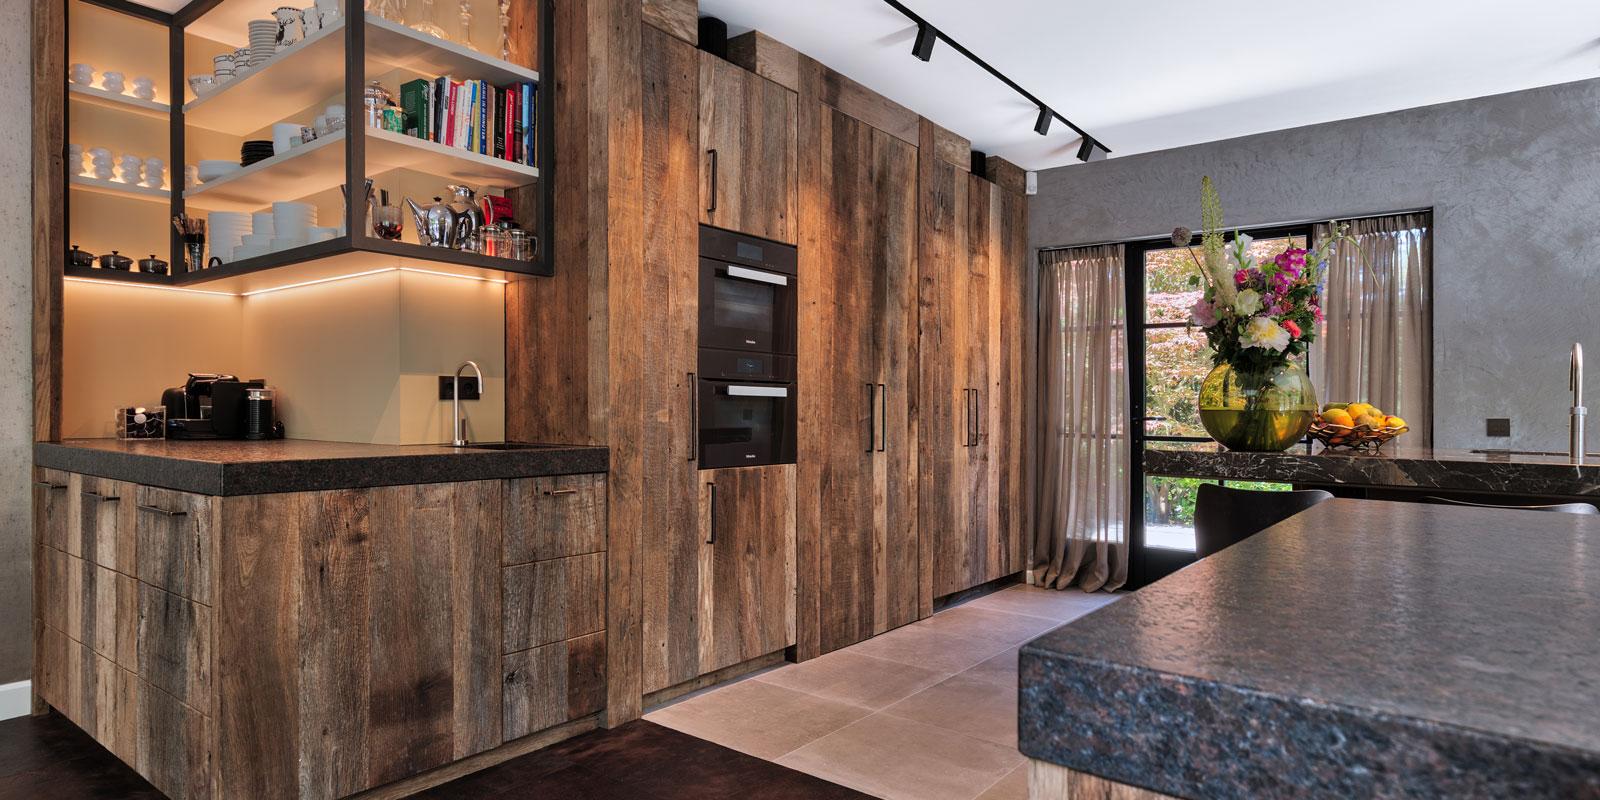 derk, exclusief interieur, luxe keuken, luxe slaapkamer, luxe woonkamer, the art of living